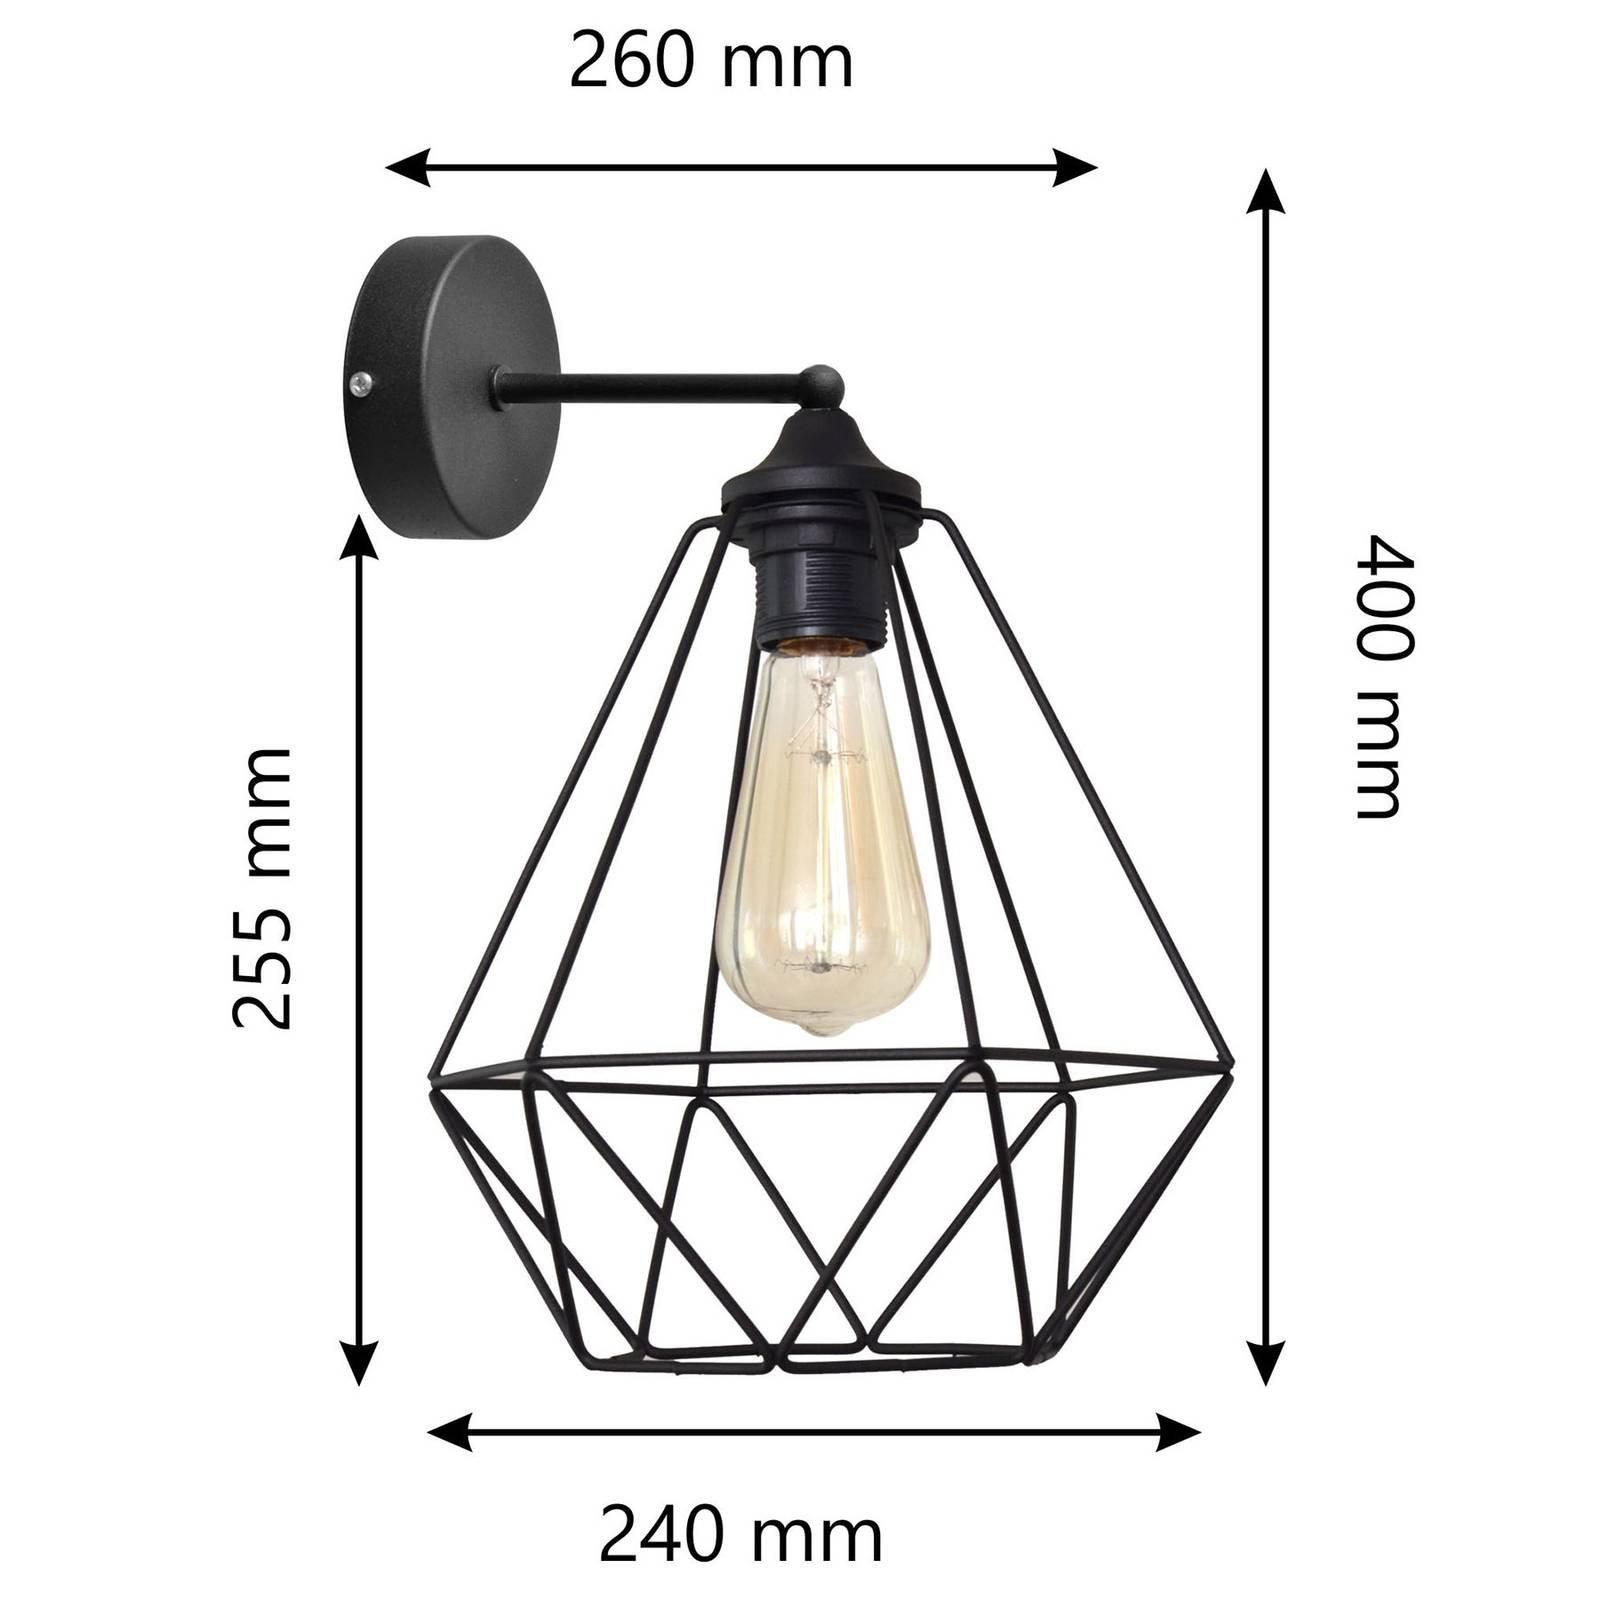 Vegglampe Karo i burdesign, svart